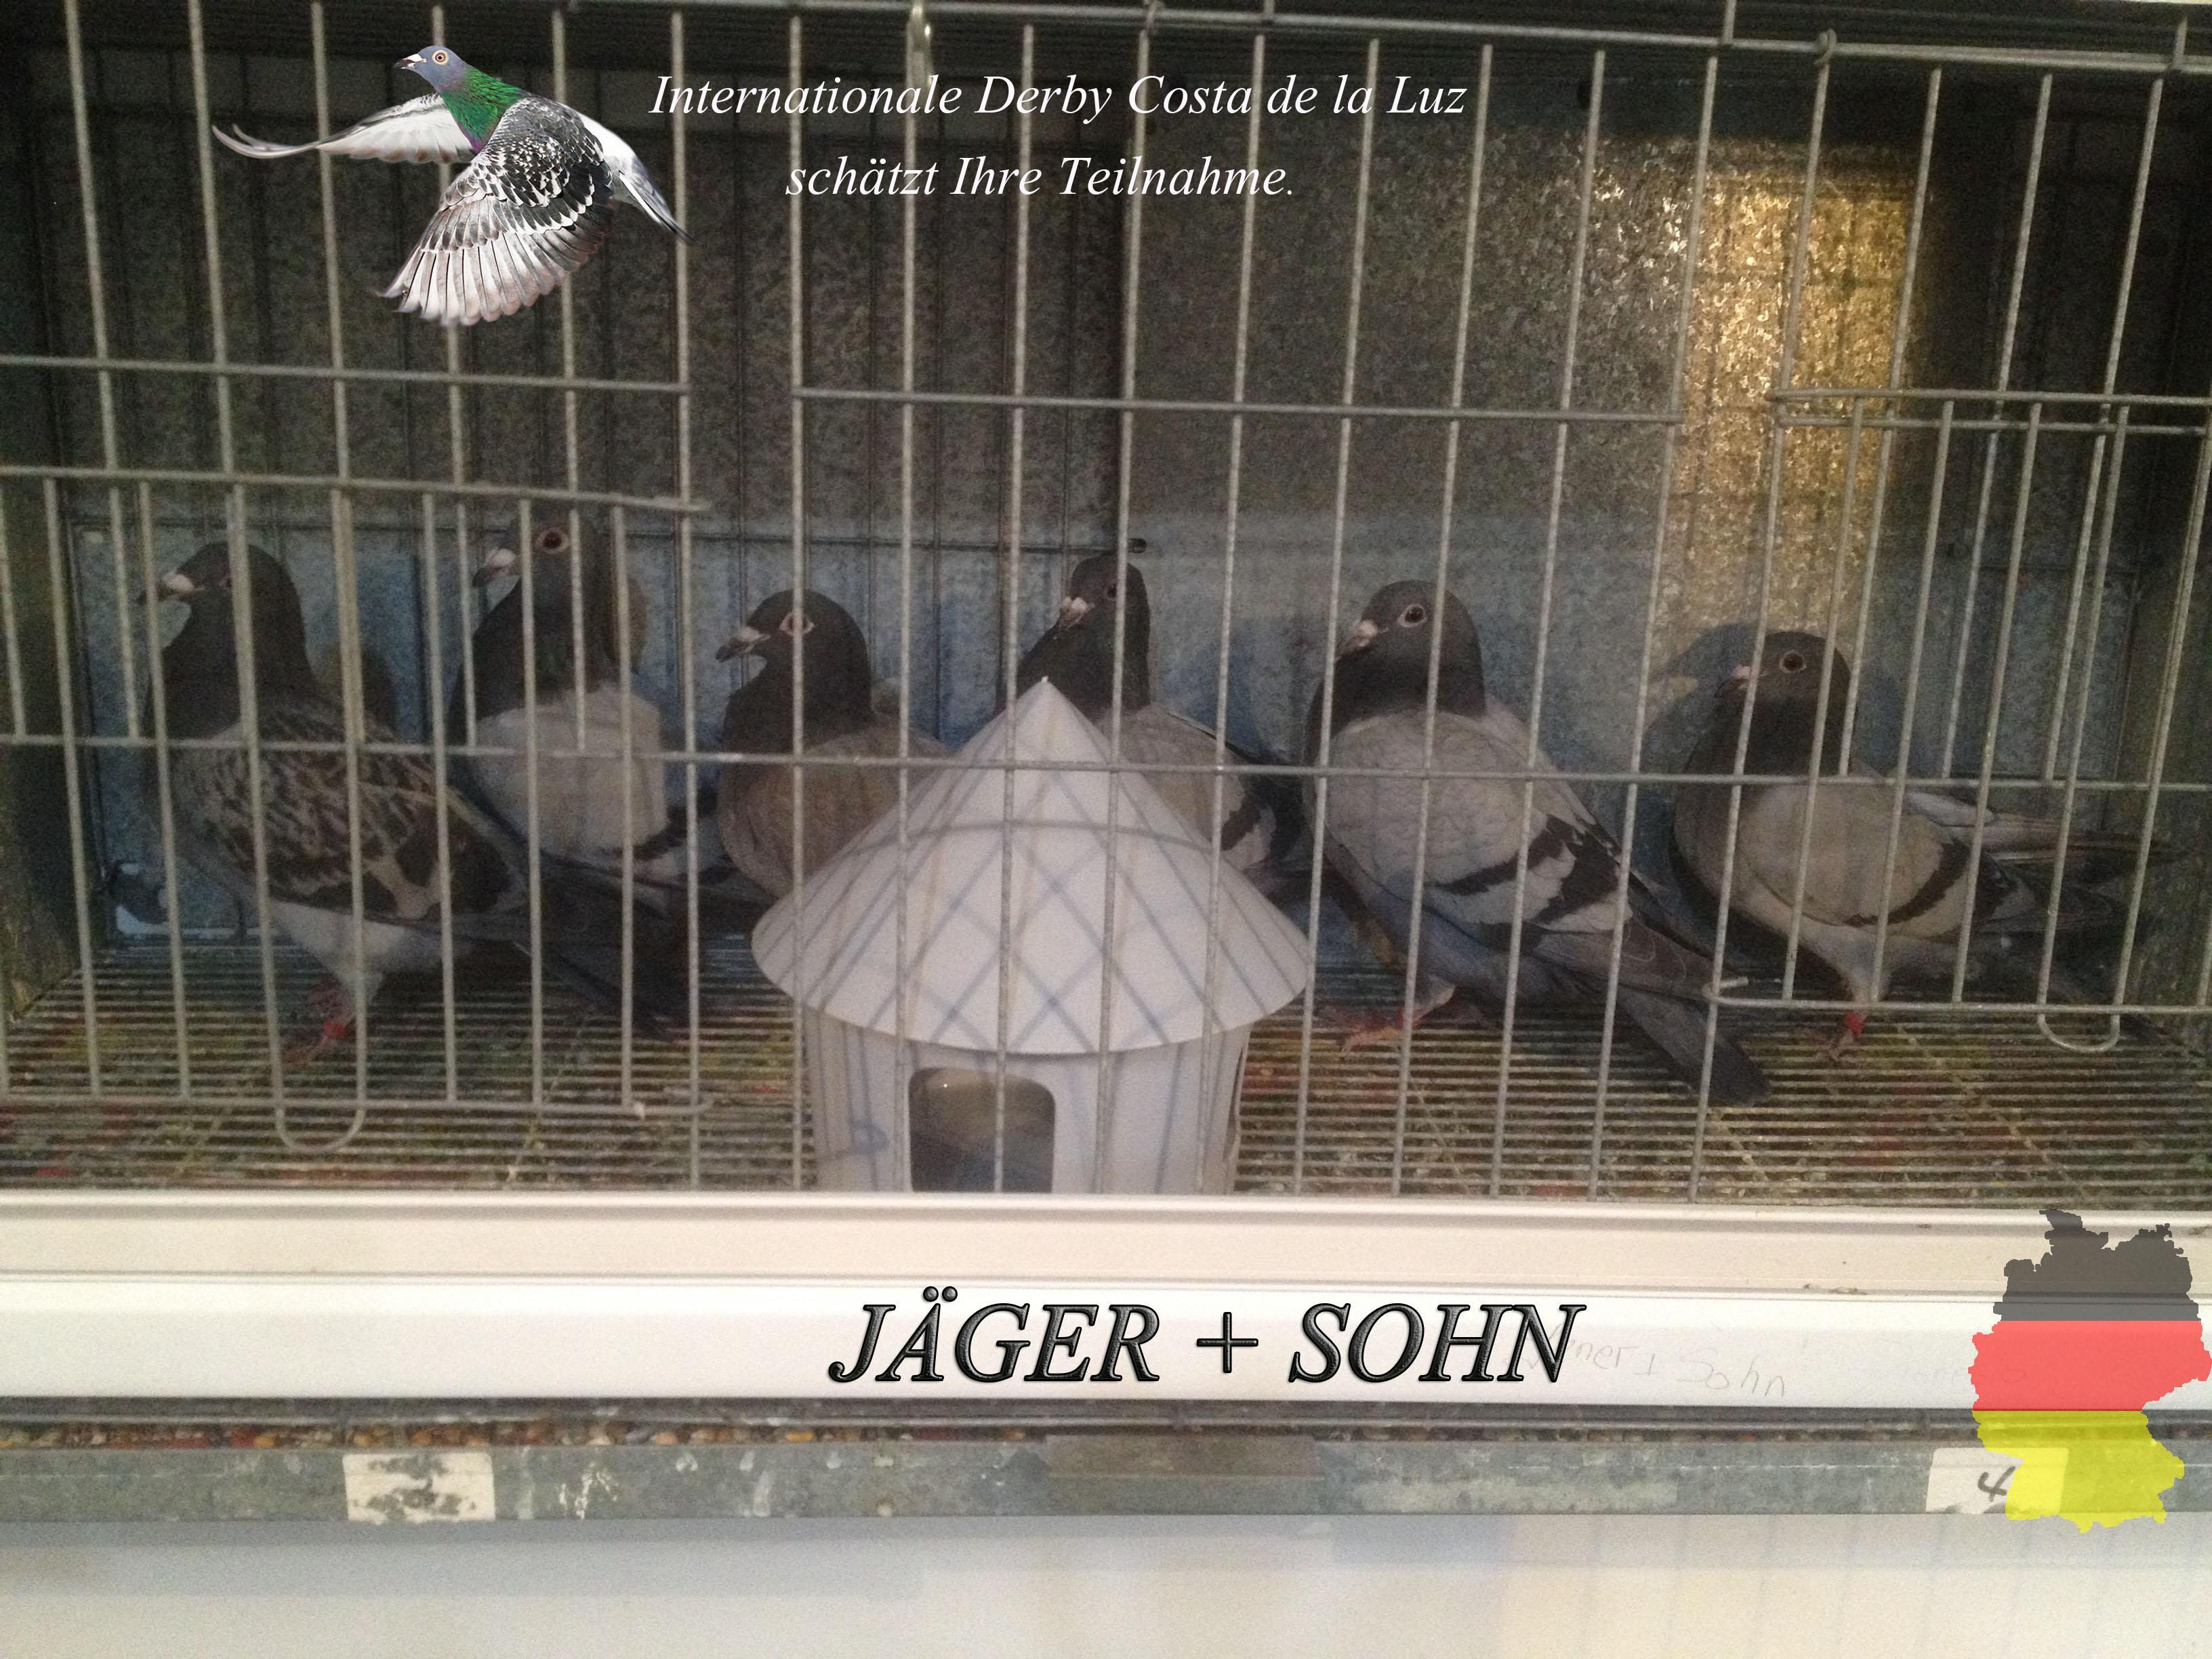 JÄGER + SOHN